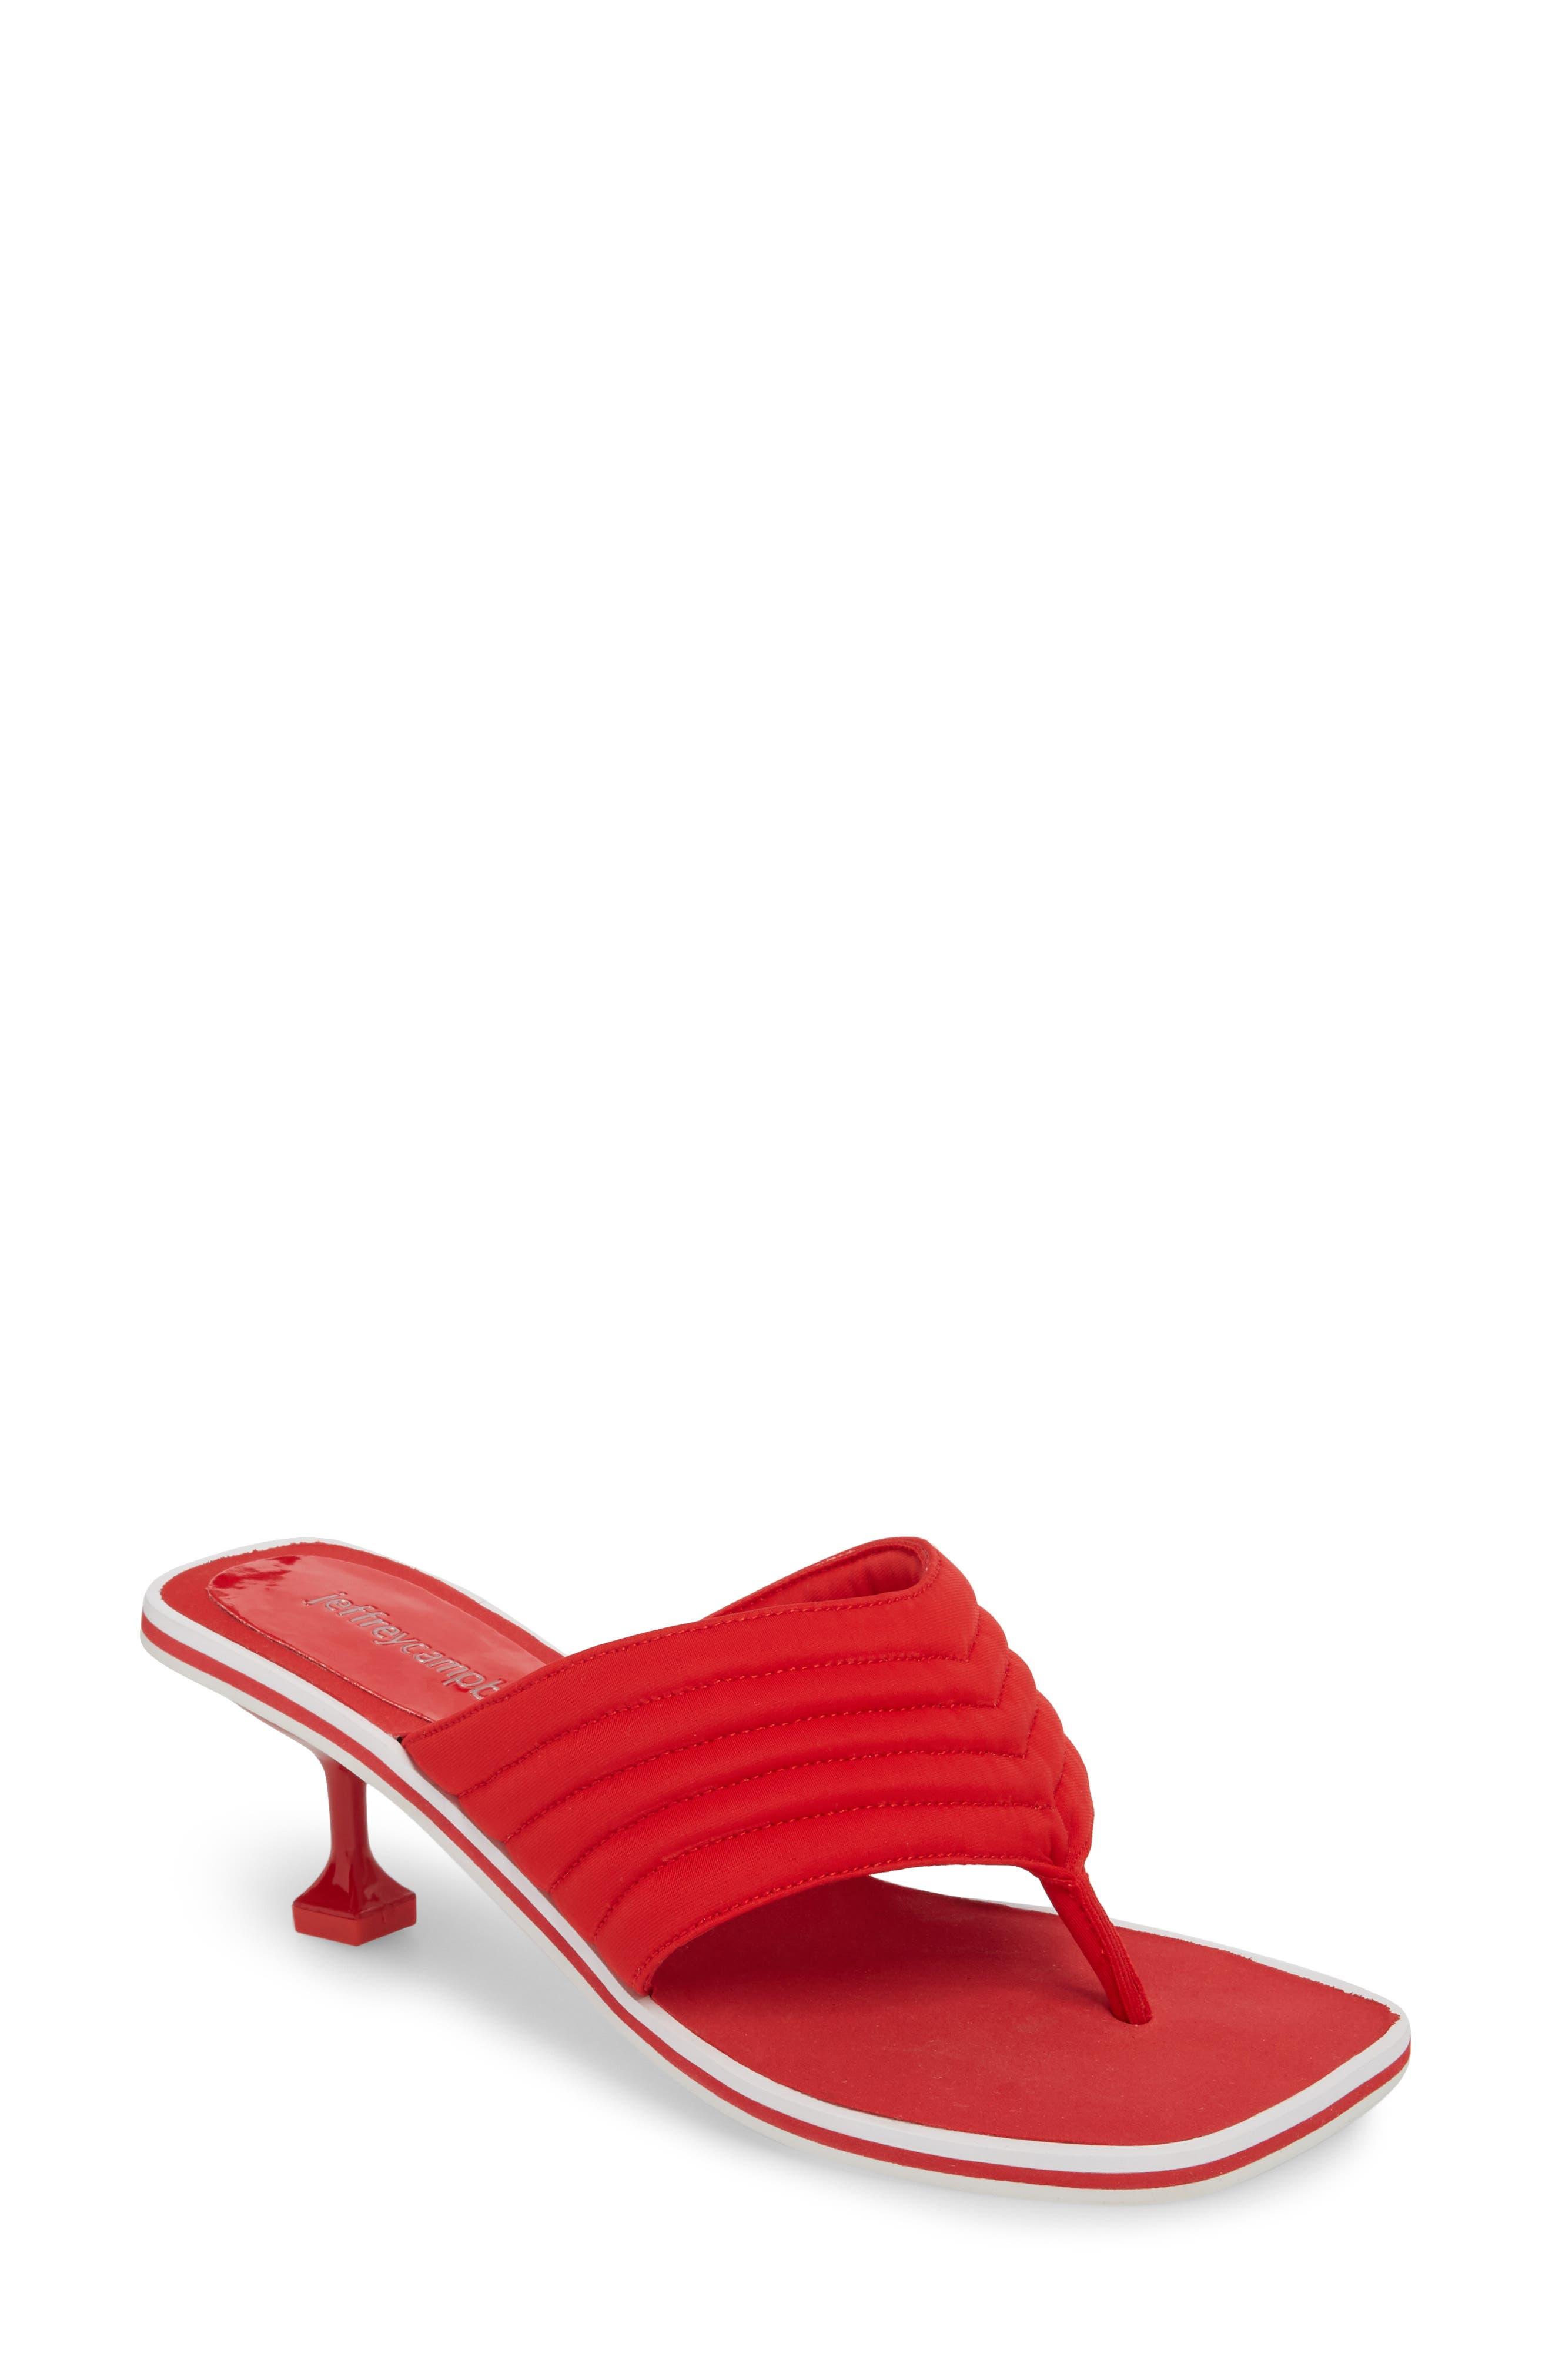 Overtime Sandal,                         Main,                         color, Red Neorprene